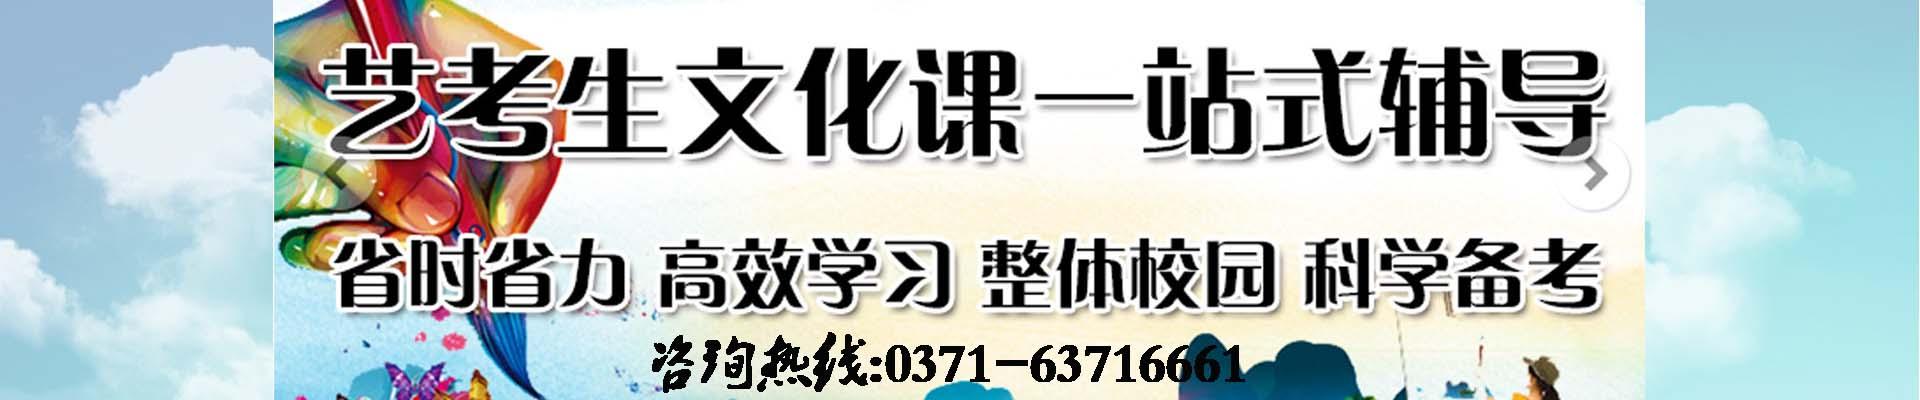 郑州捷登教育秦岭路校区